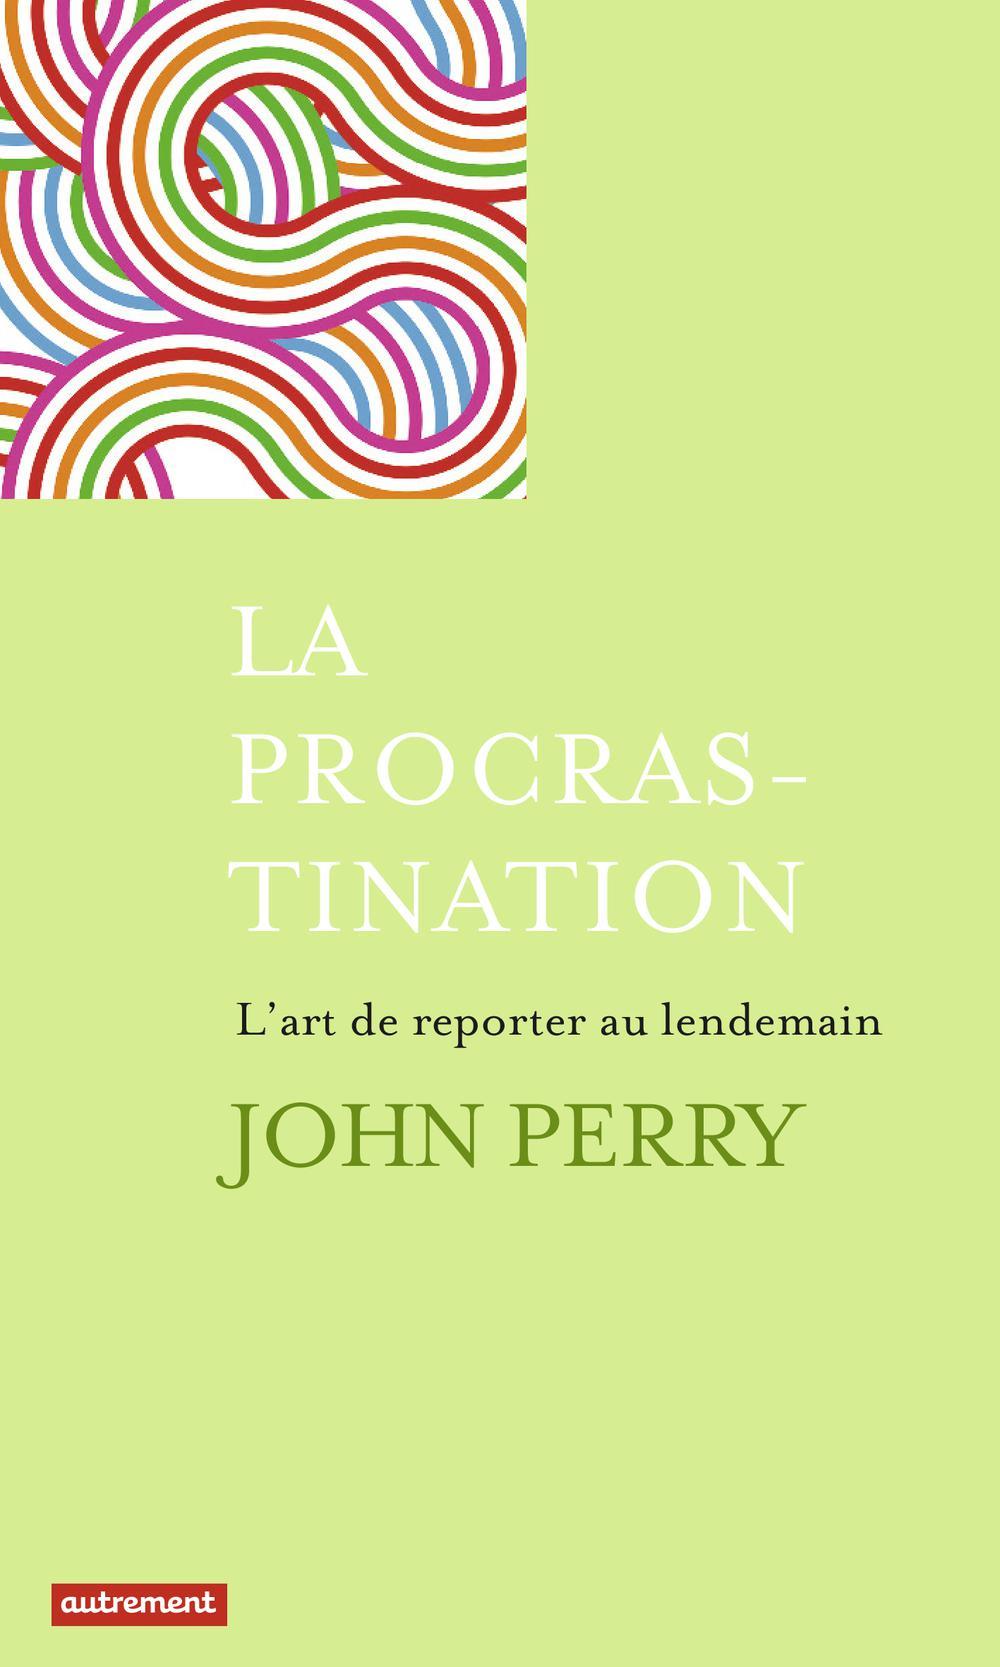 La Procrastination, L'ART DE REMETTRE AU LENDEMAIN